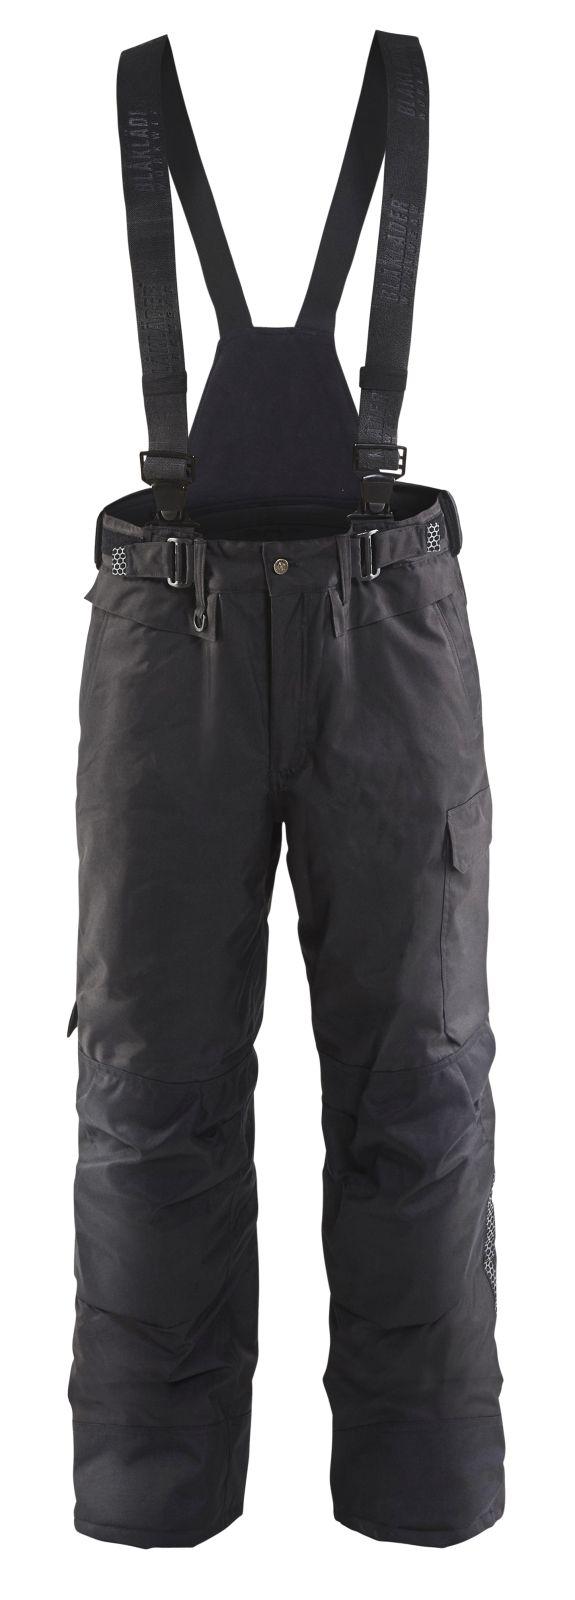 Blaklader Winterwerkbroeken 18101977 zwart(9900)